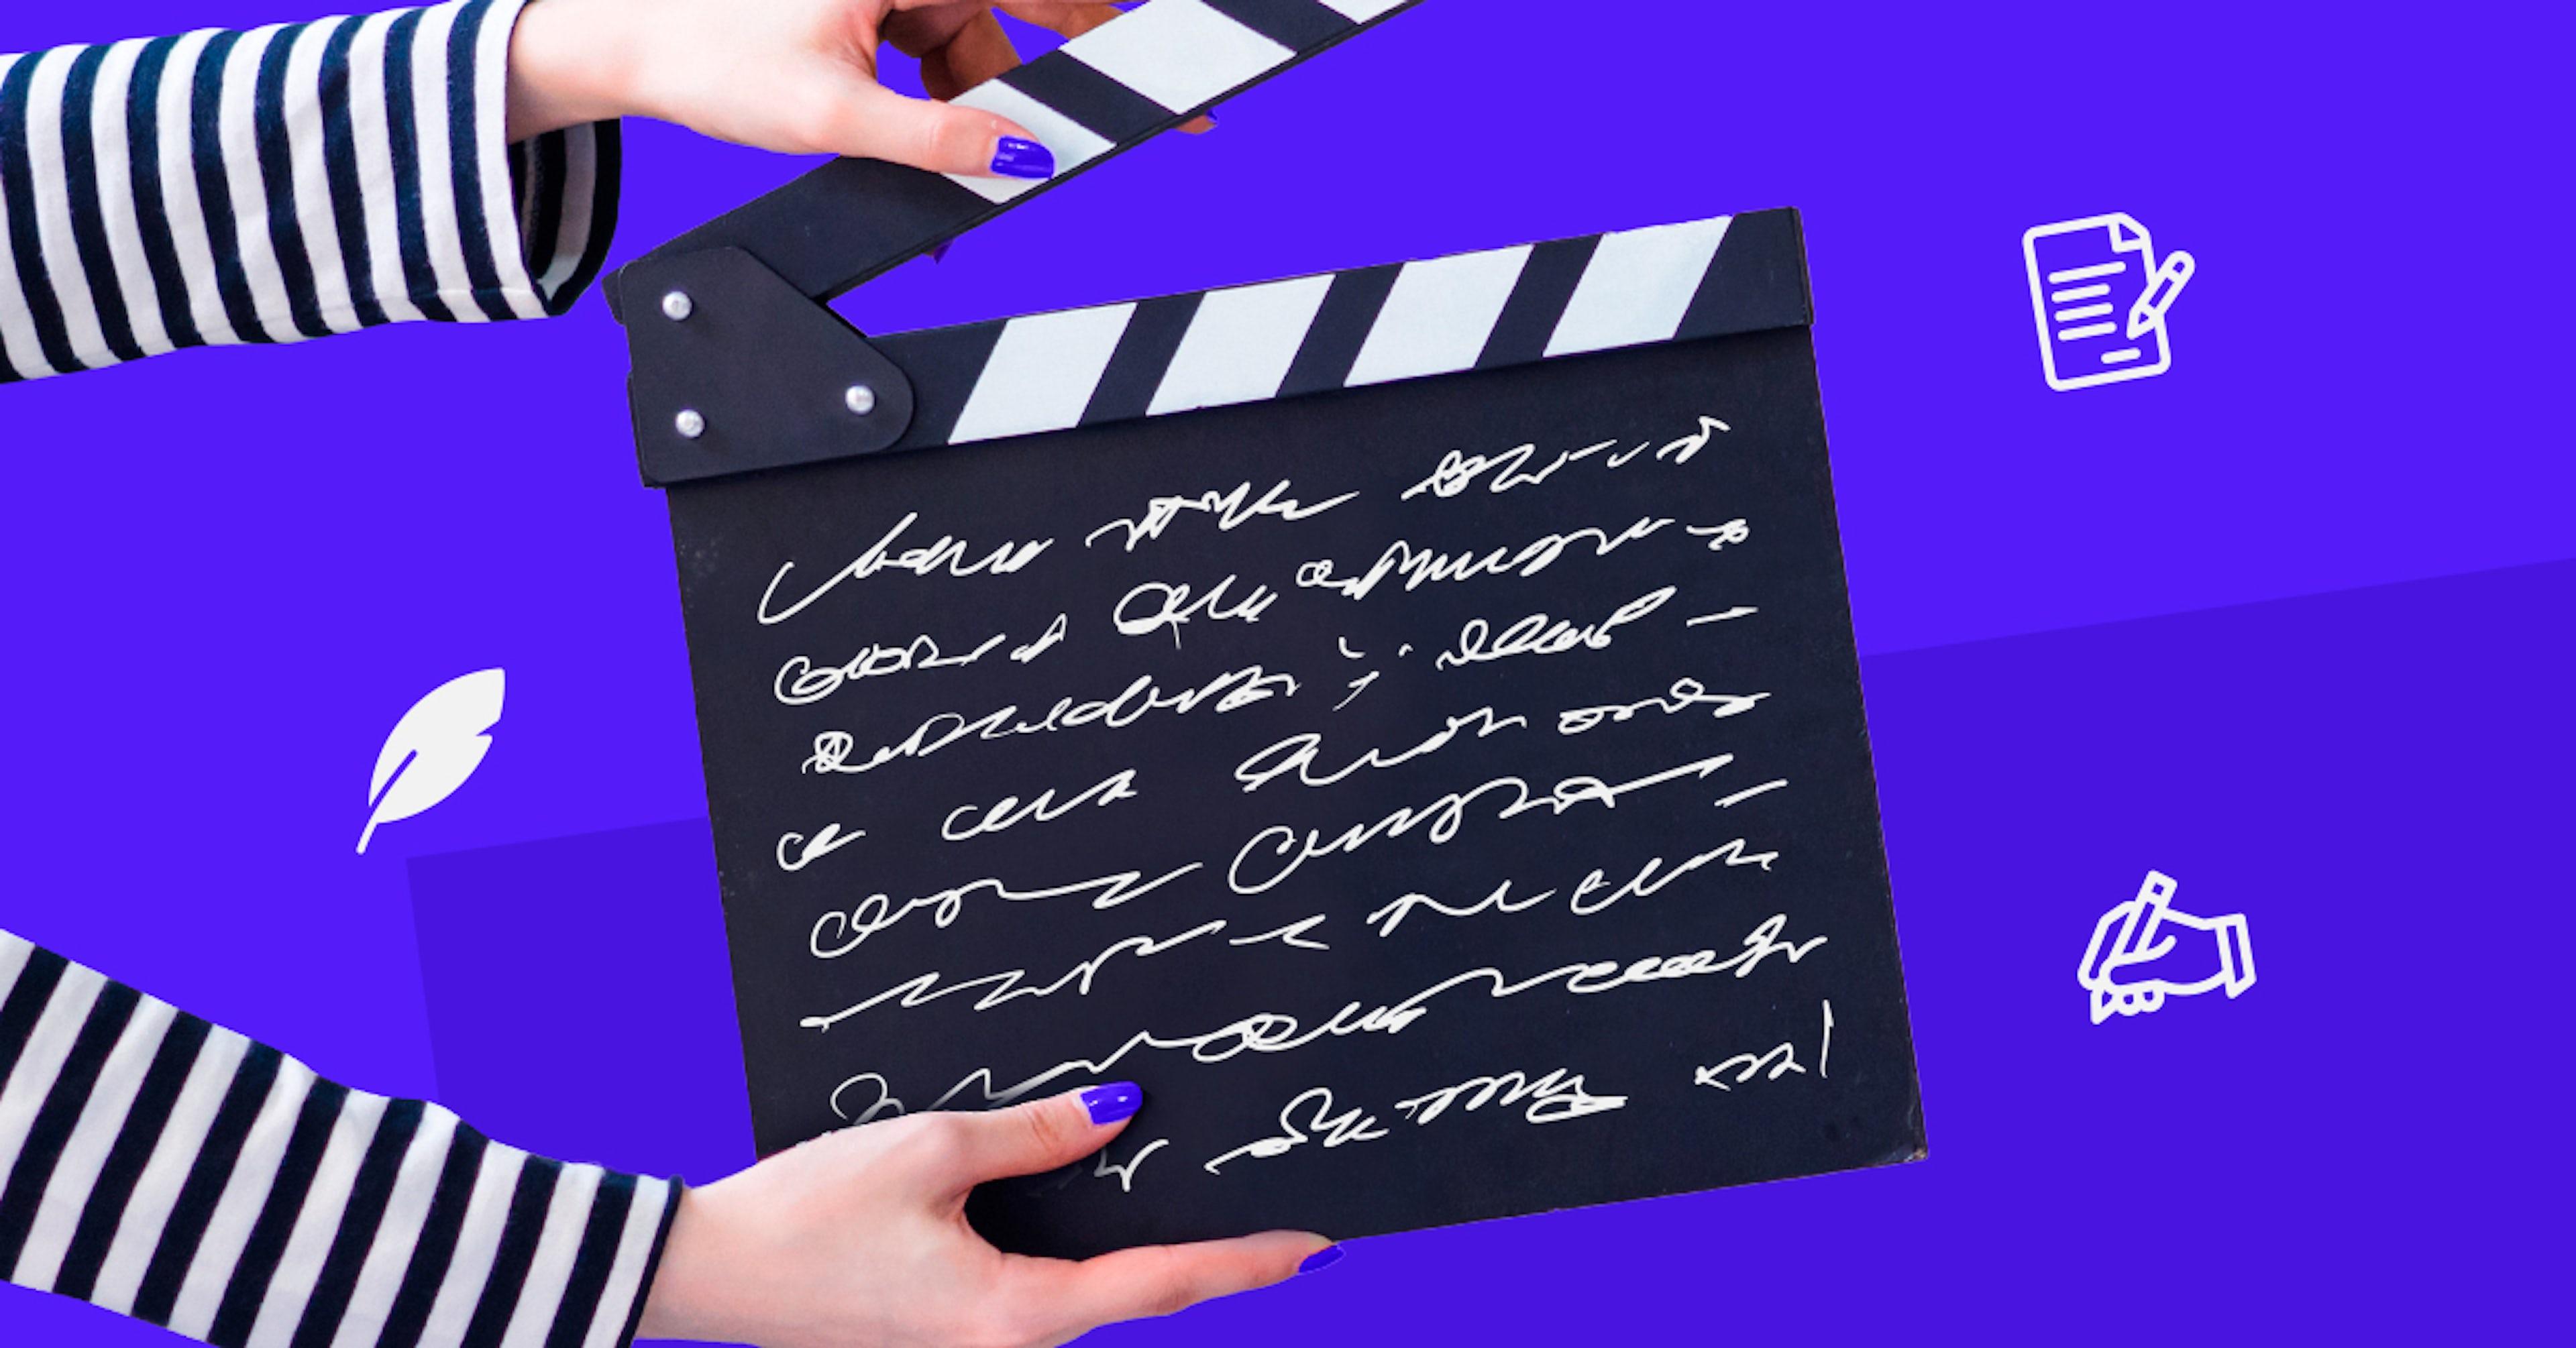 ¿Cómo escribir un guión de cine? Crea una historia audiovisual impactante